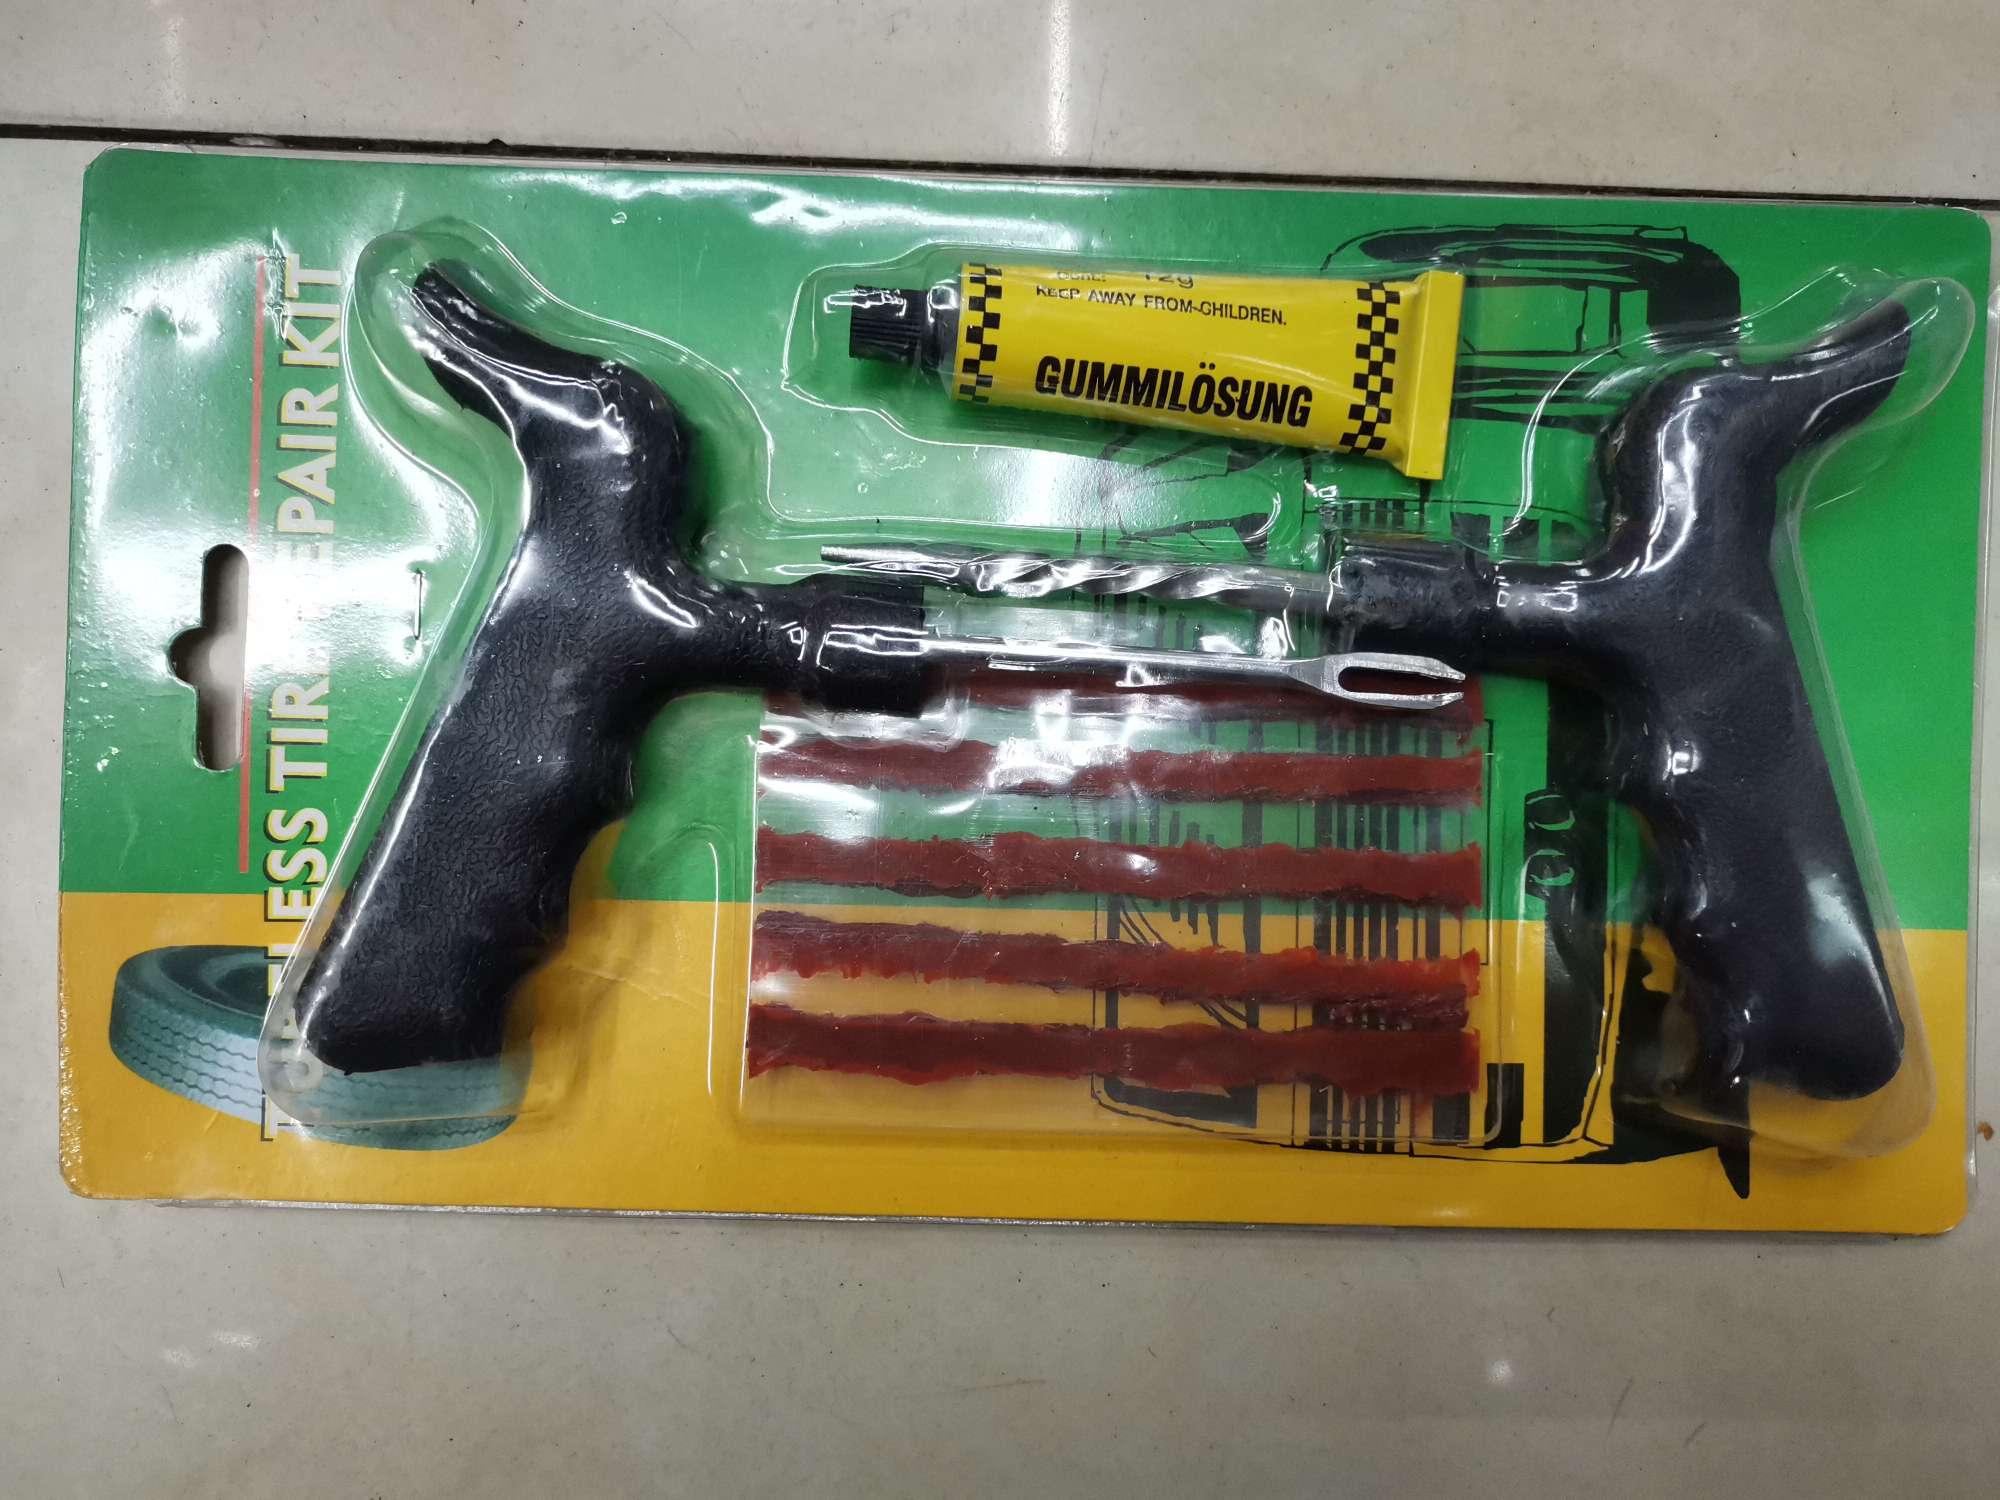 摩托车配件(摩配)补胎工具